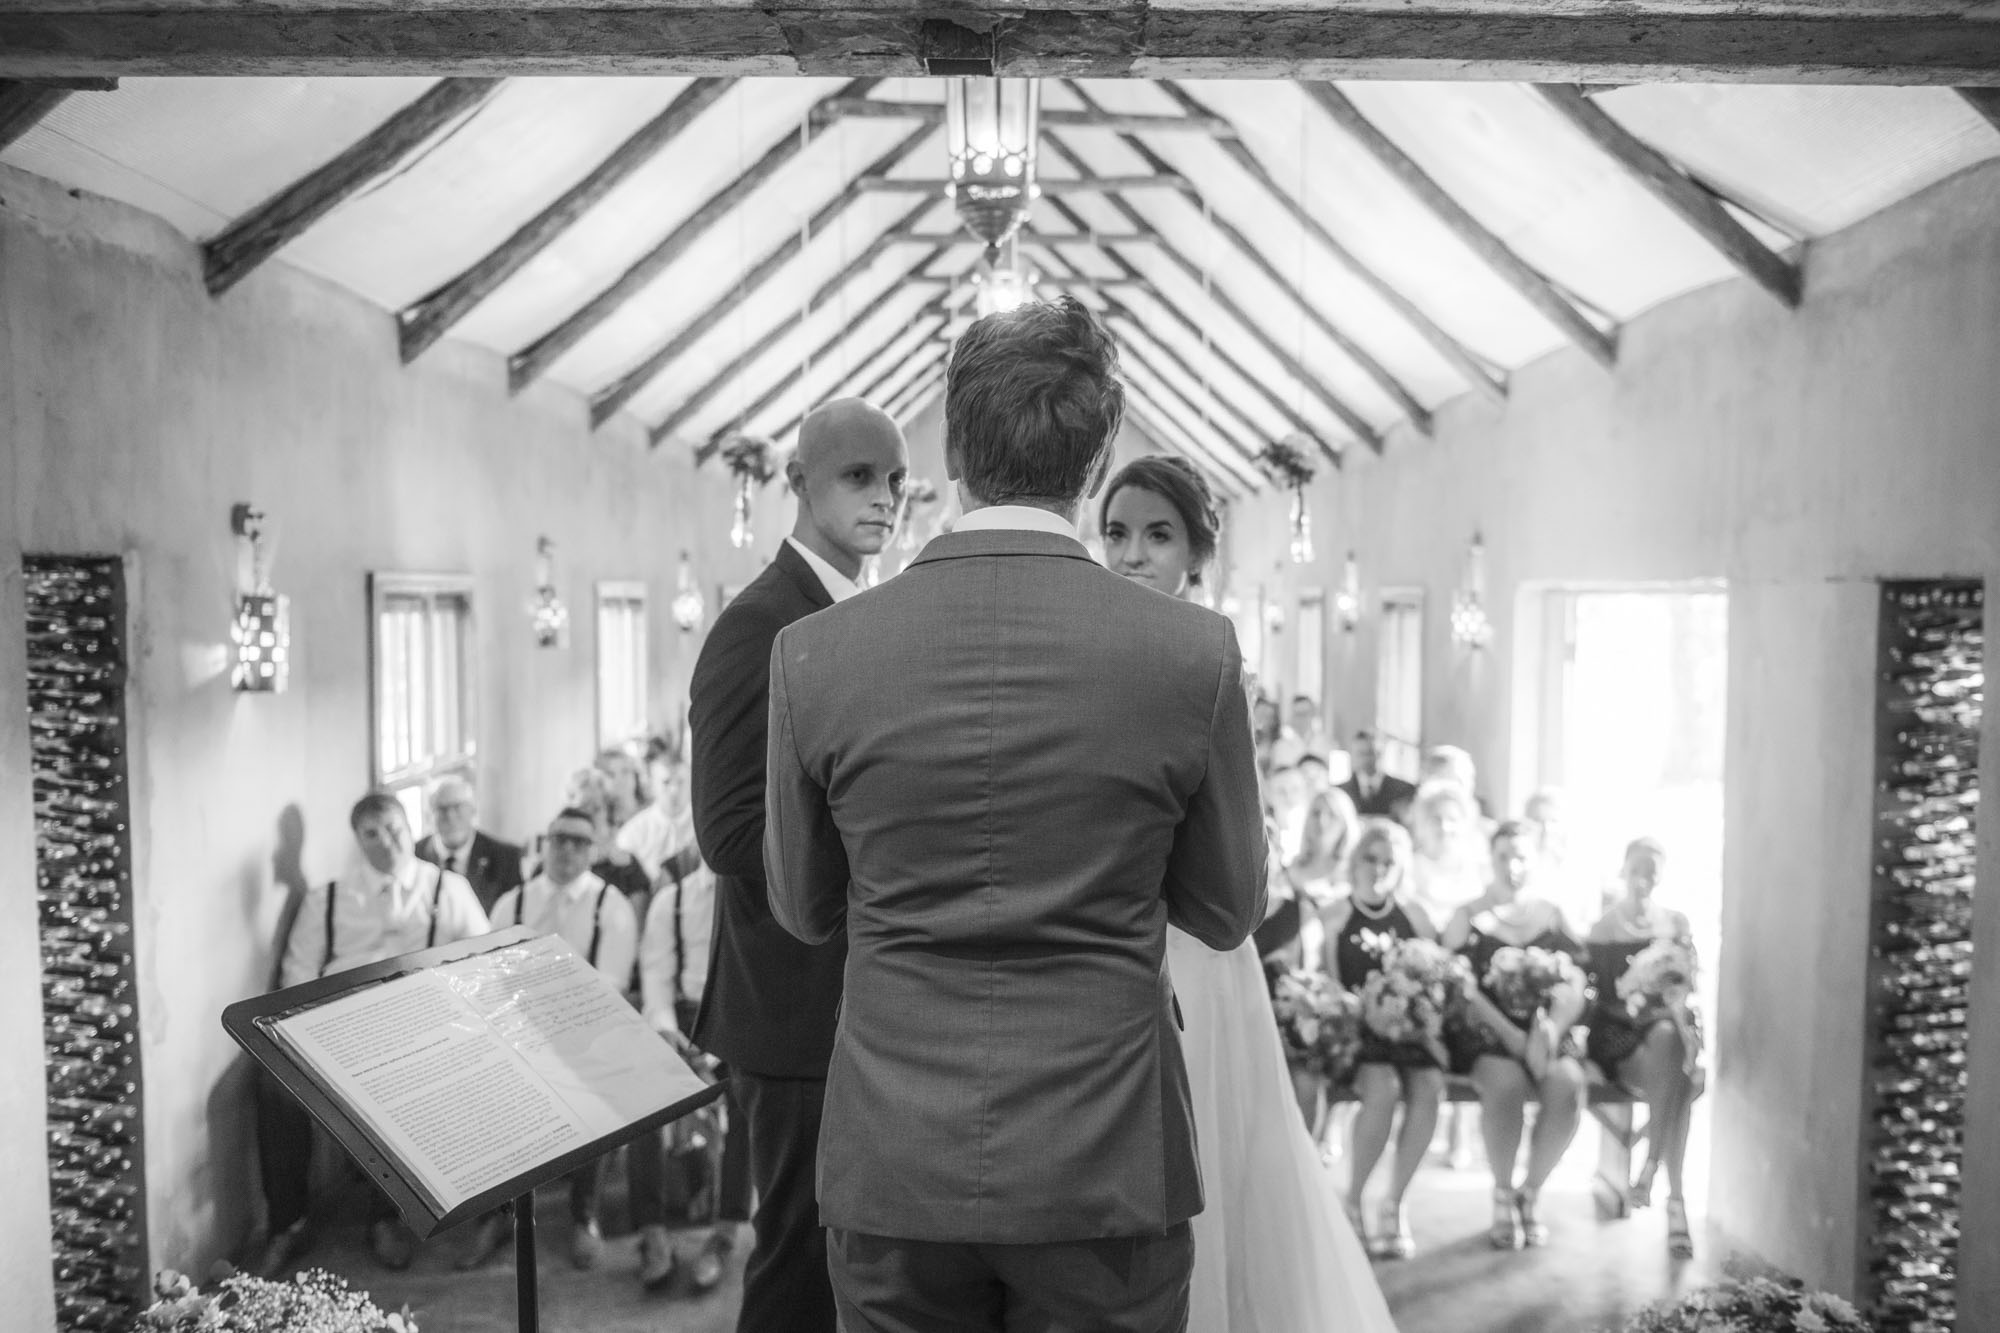 093-wedding-photographers-pretoria093-wedding-photographers-pretoria_a.jpg